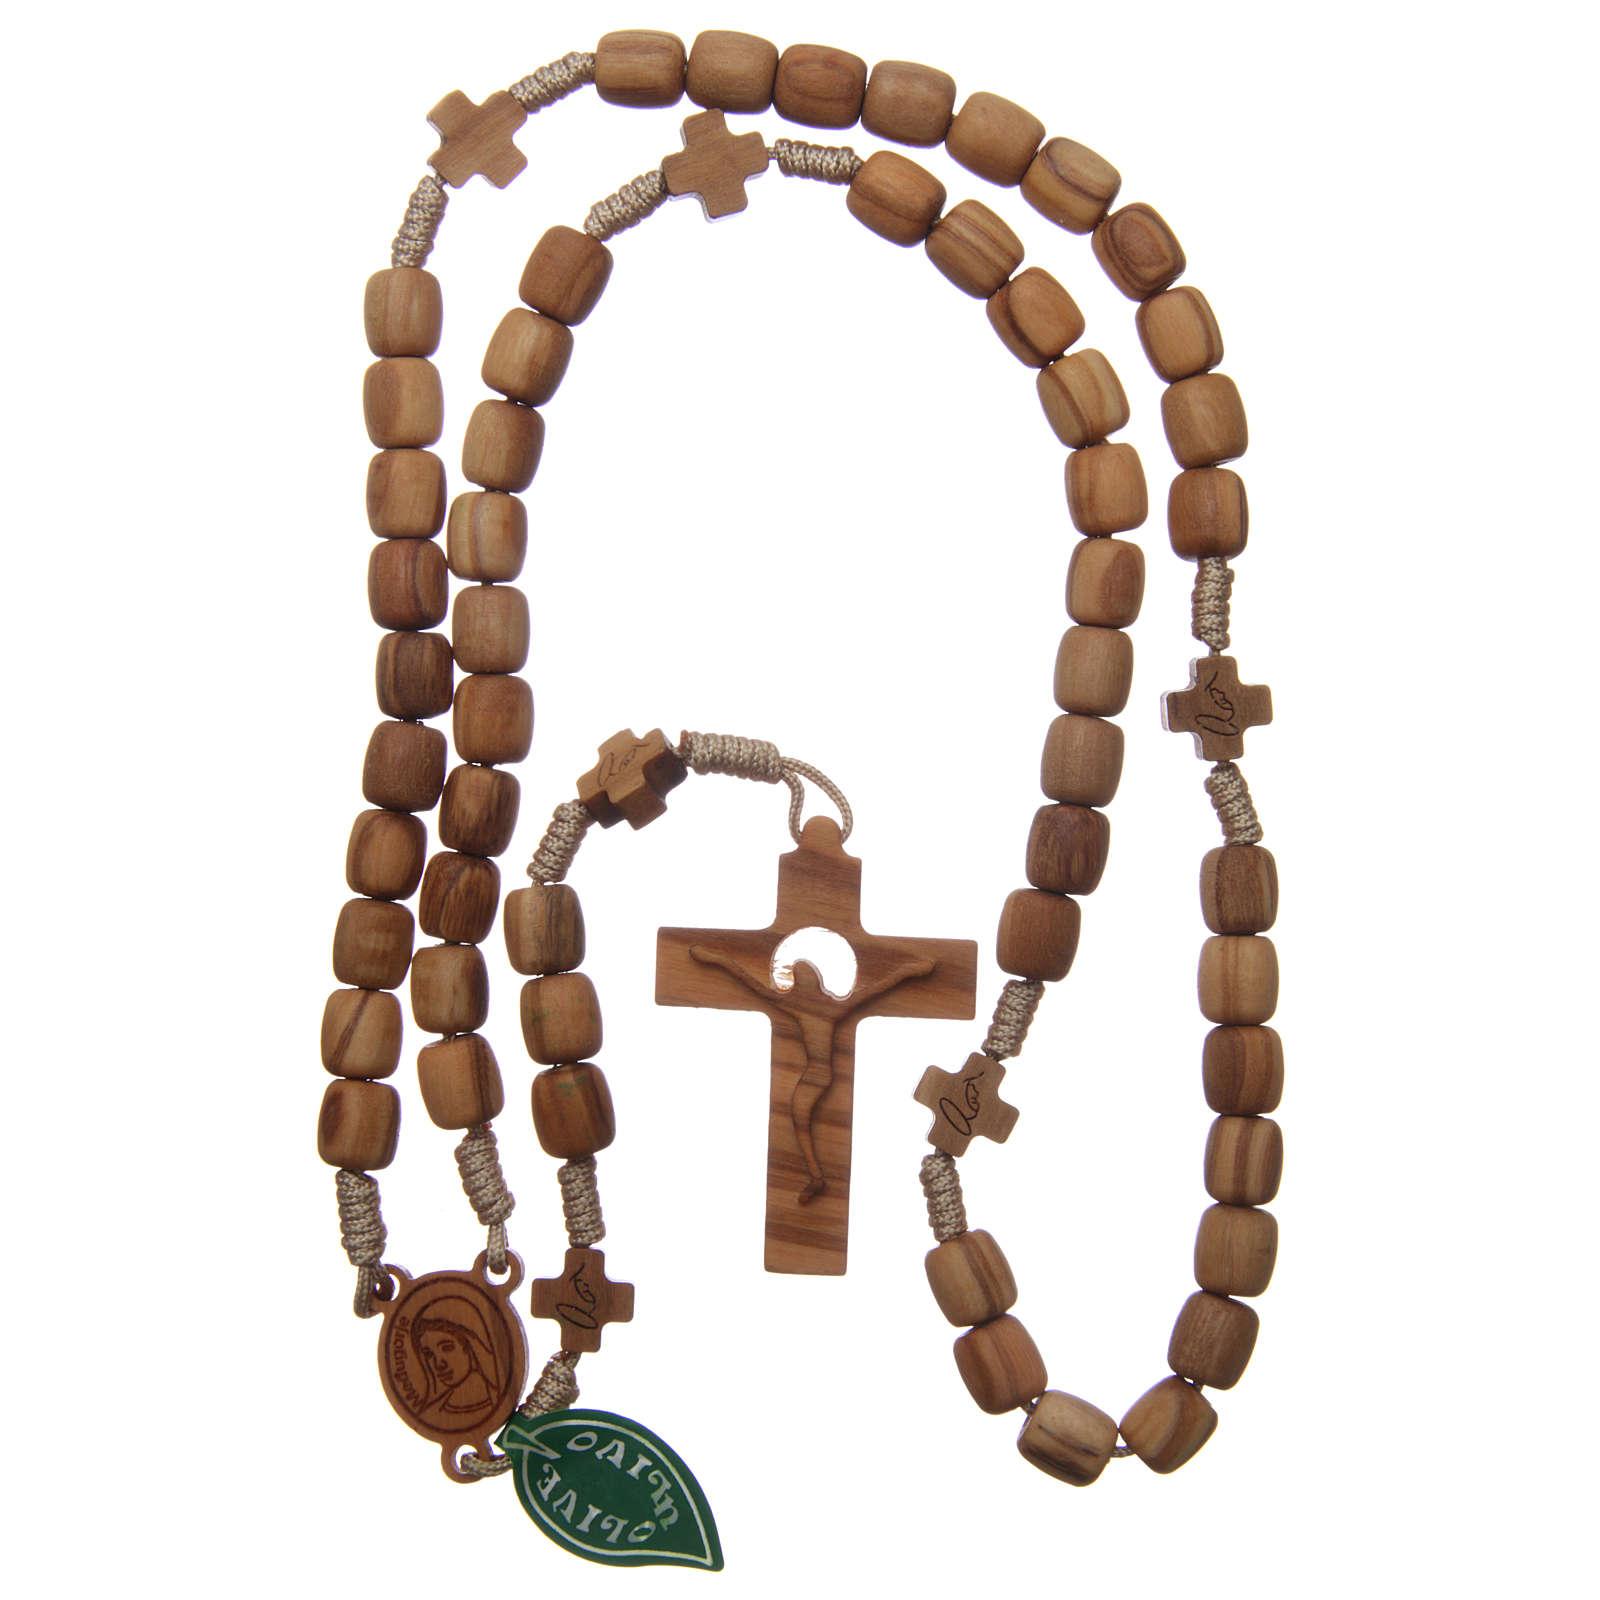 Różaniec Medjugorje krzyże koraliki 7 mm drewno oliwne sznurek beżowy 4